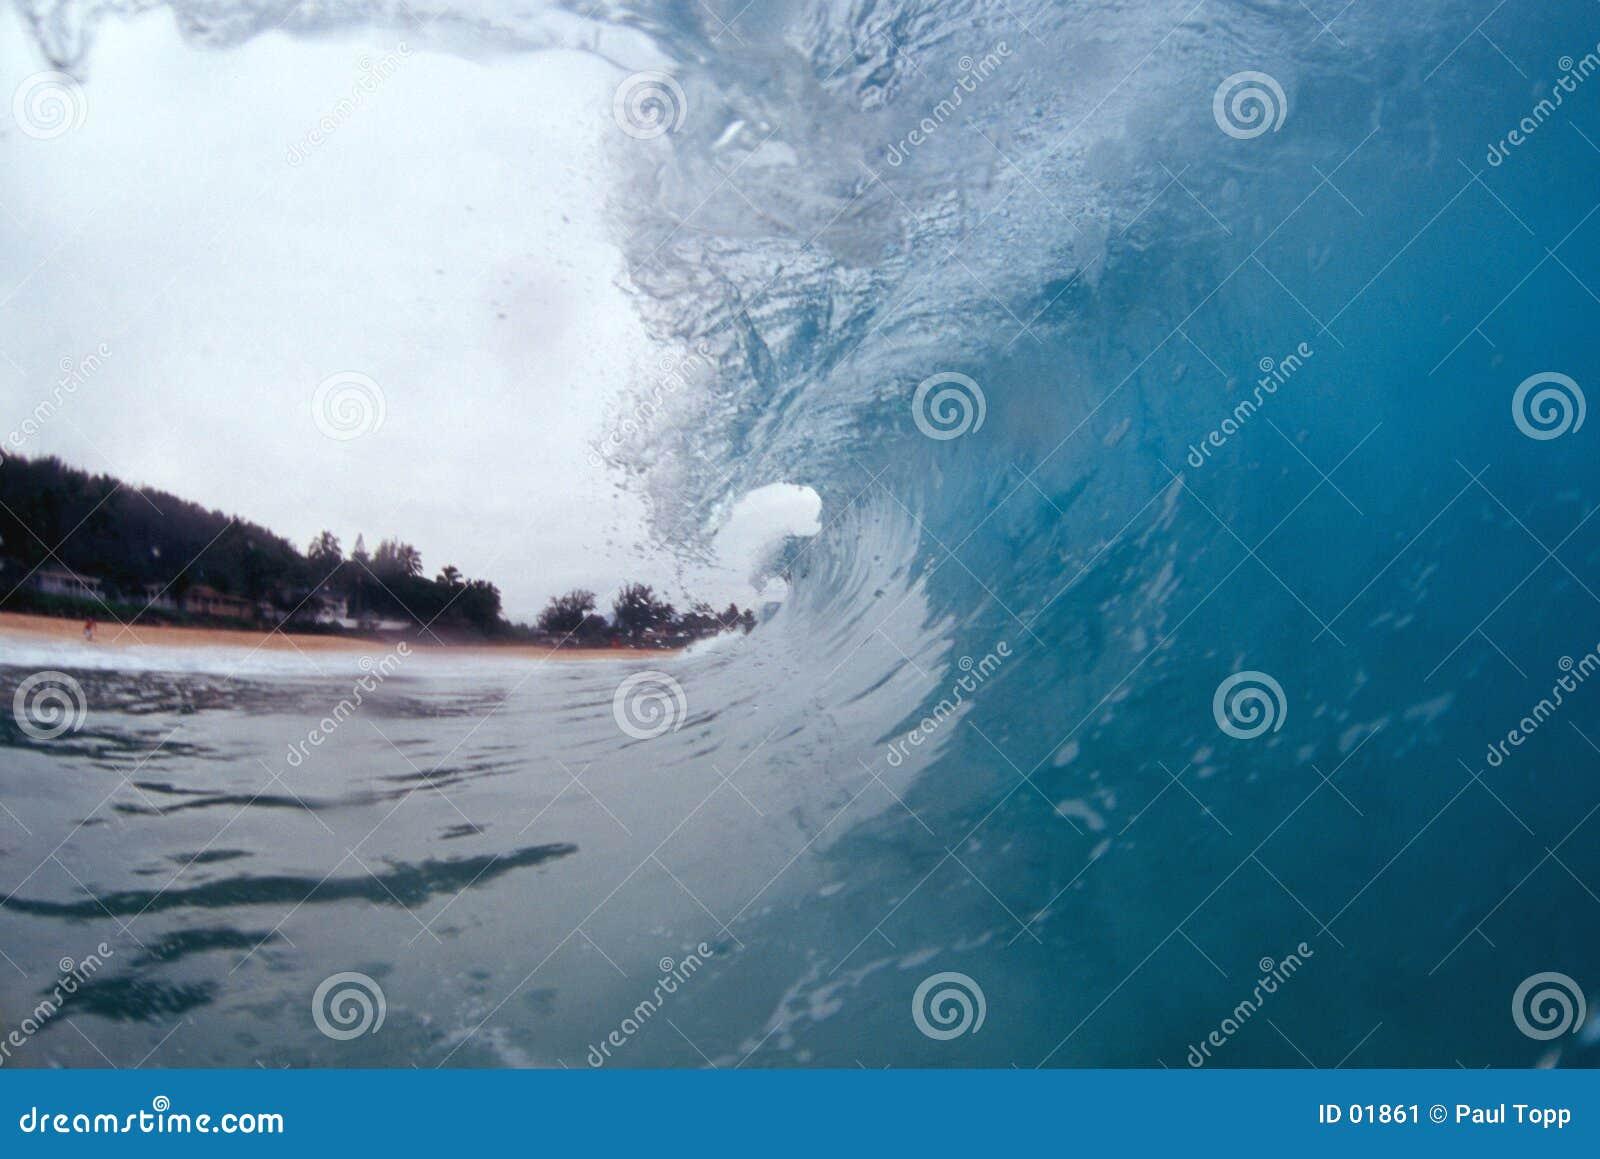 All interno di un onda d arricciatura